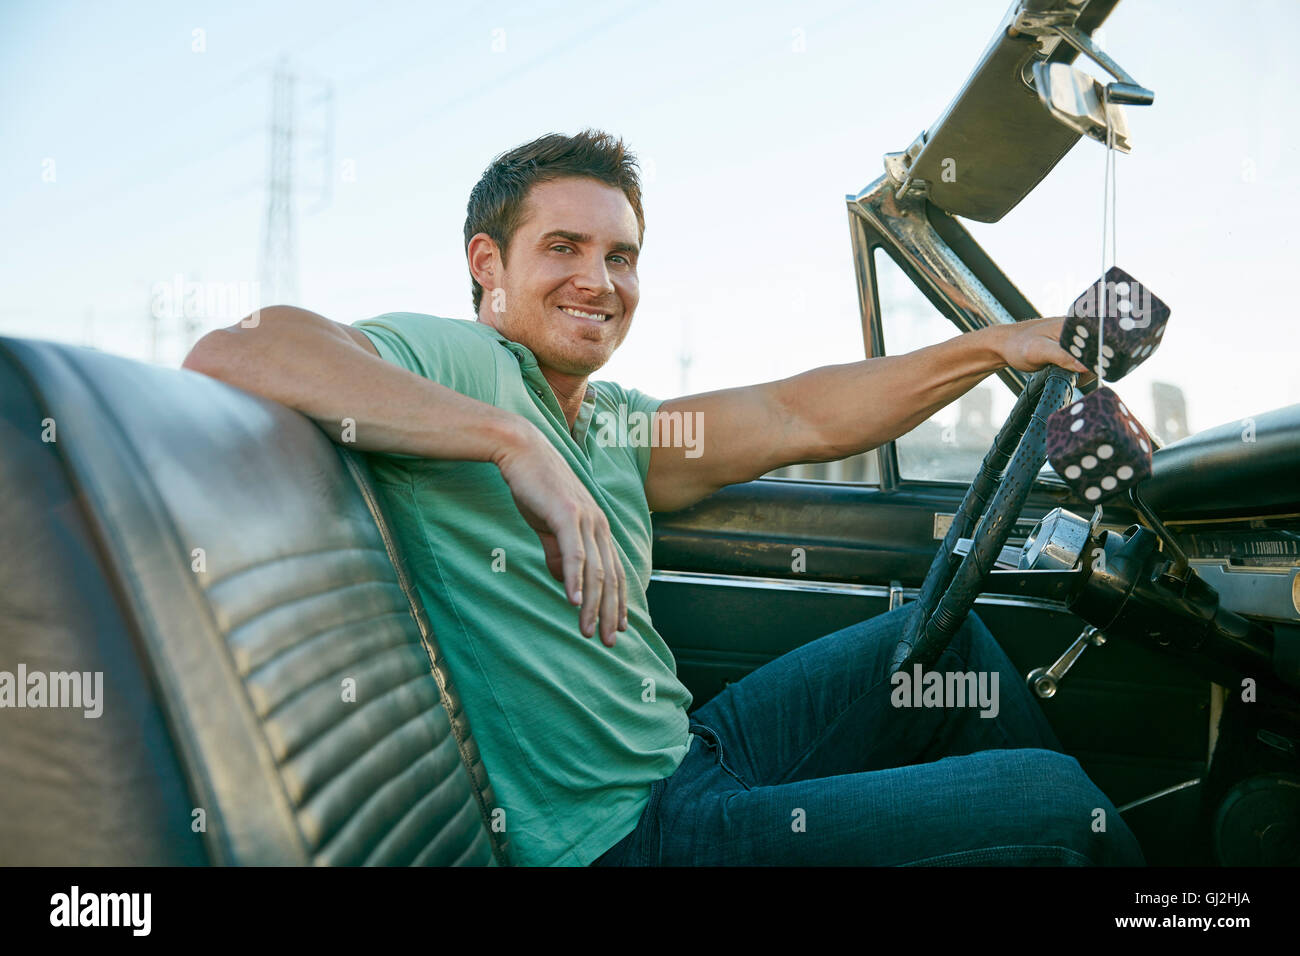 Man in convertible car looking at camera smiling, Los Angeles, California, USA - Stock Image